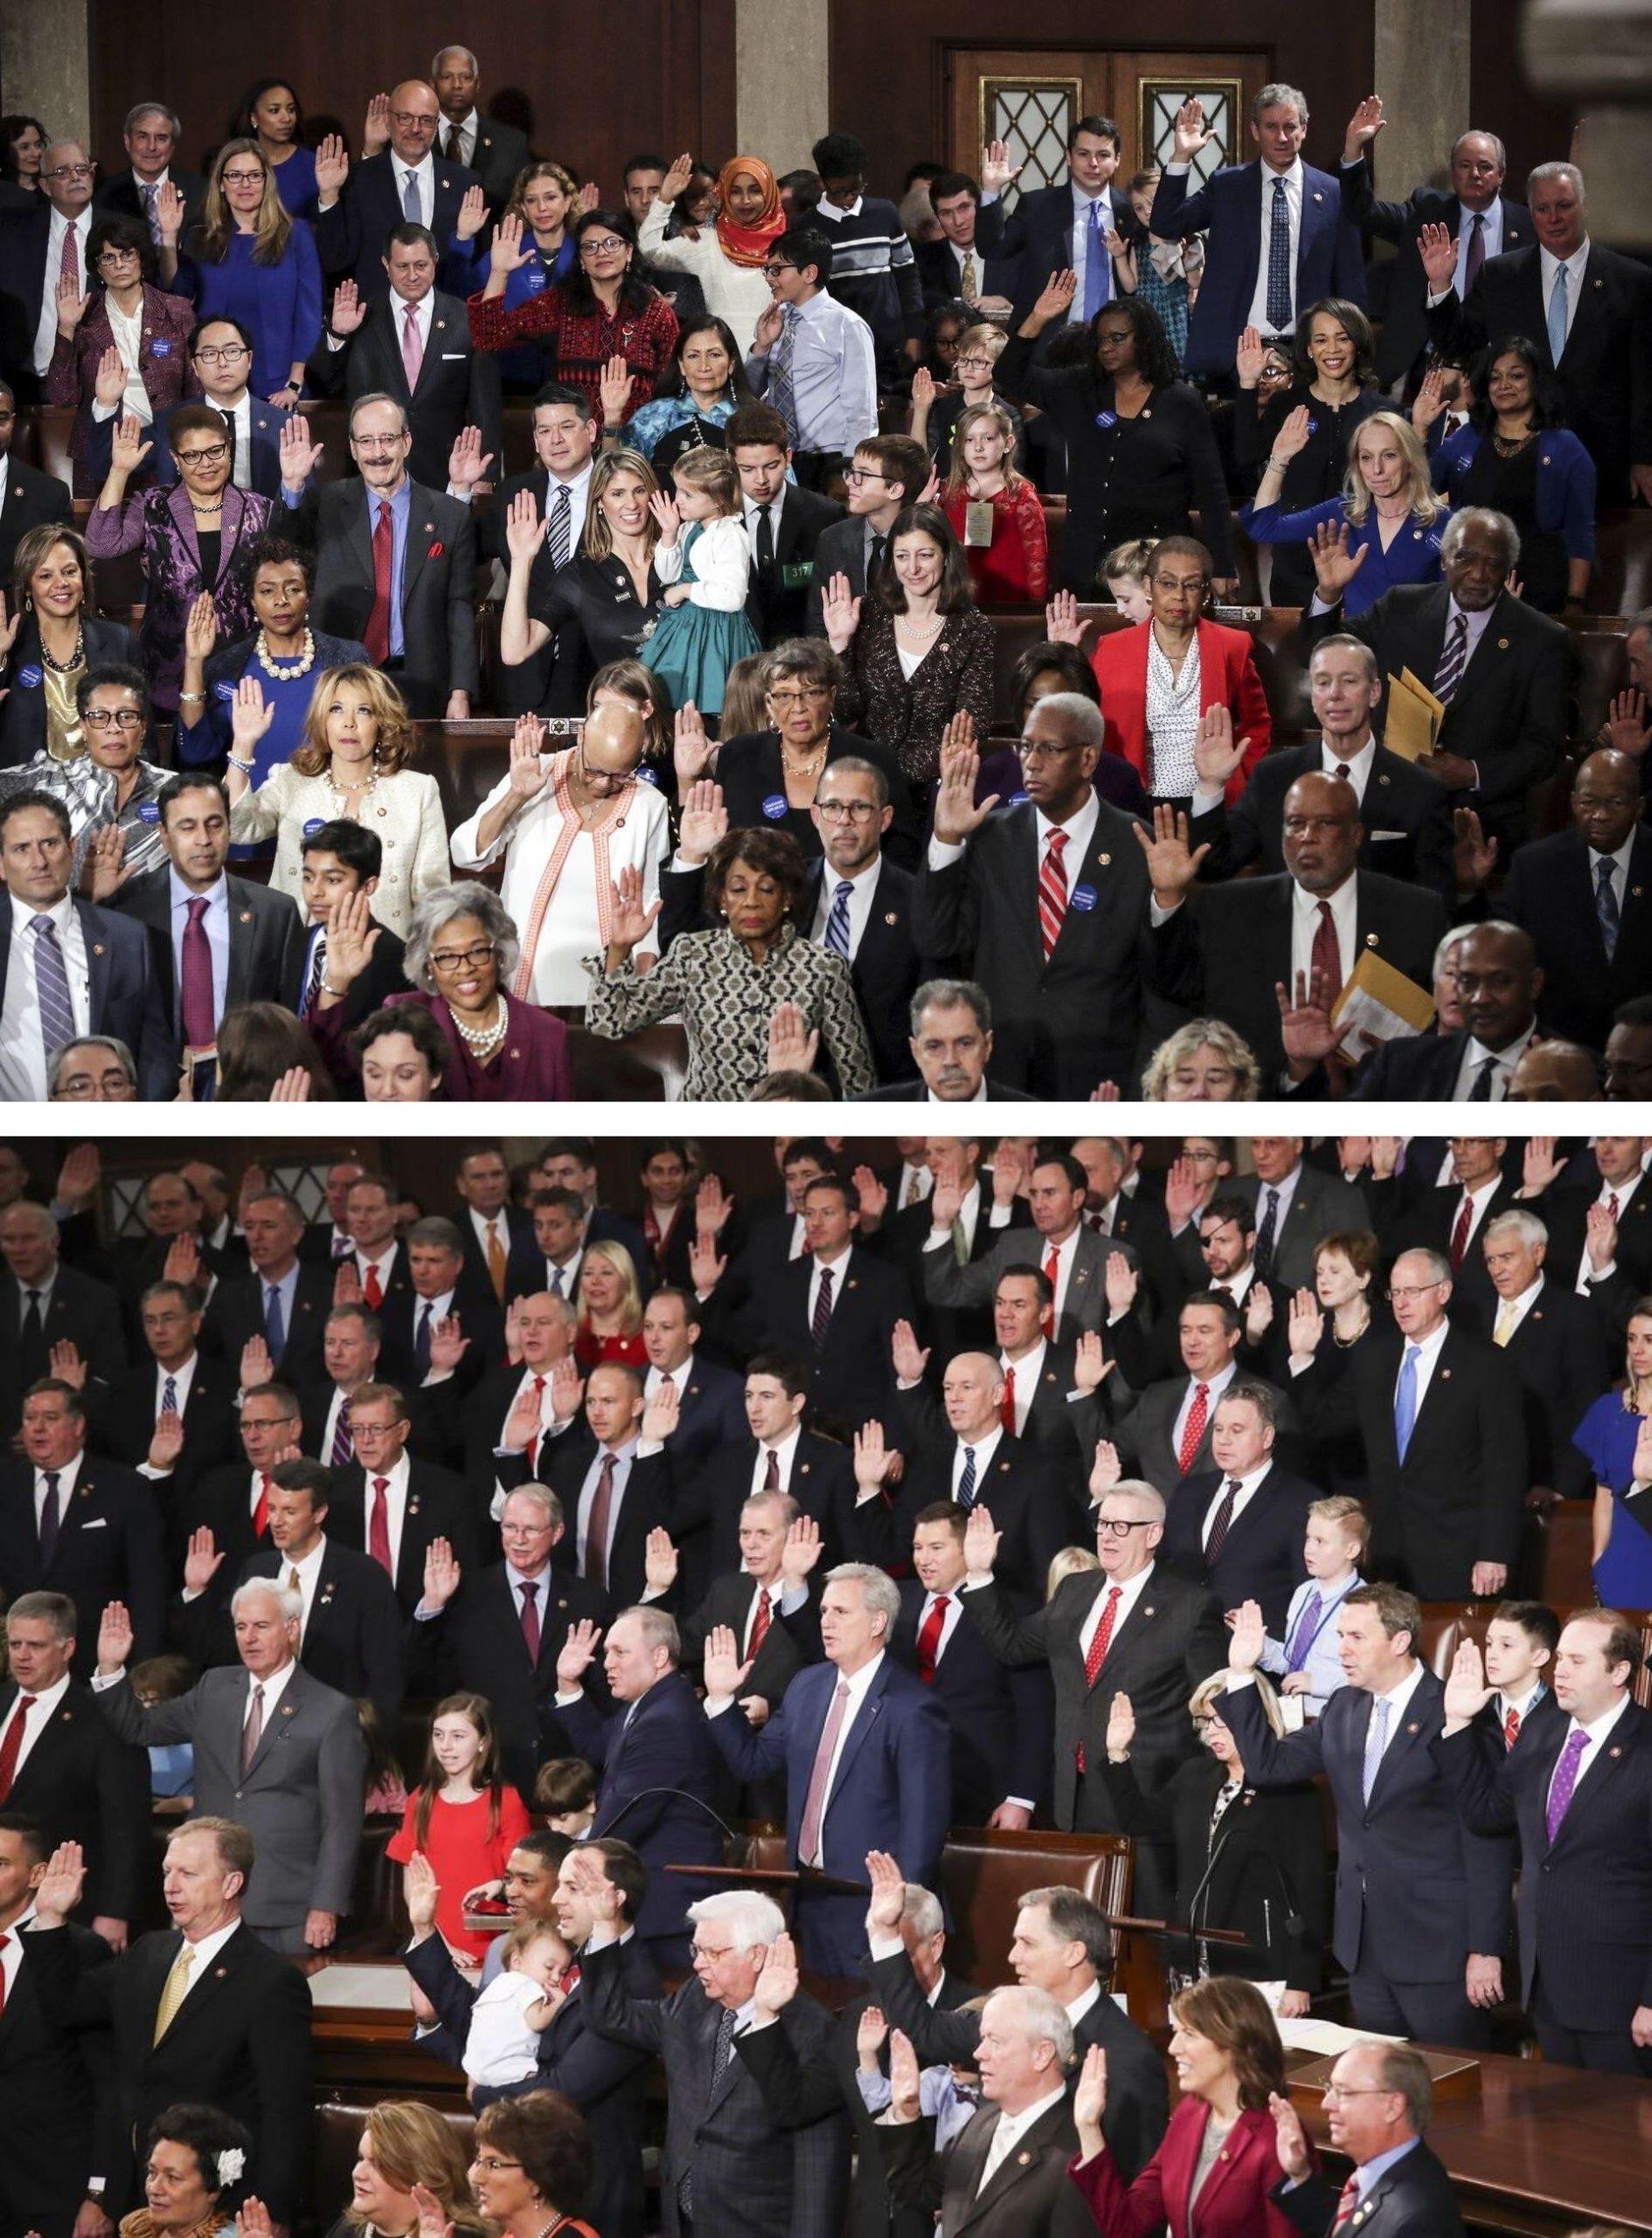 Congress swearing in: Democrats vs. Republicans : pics